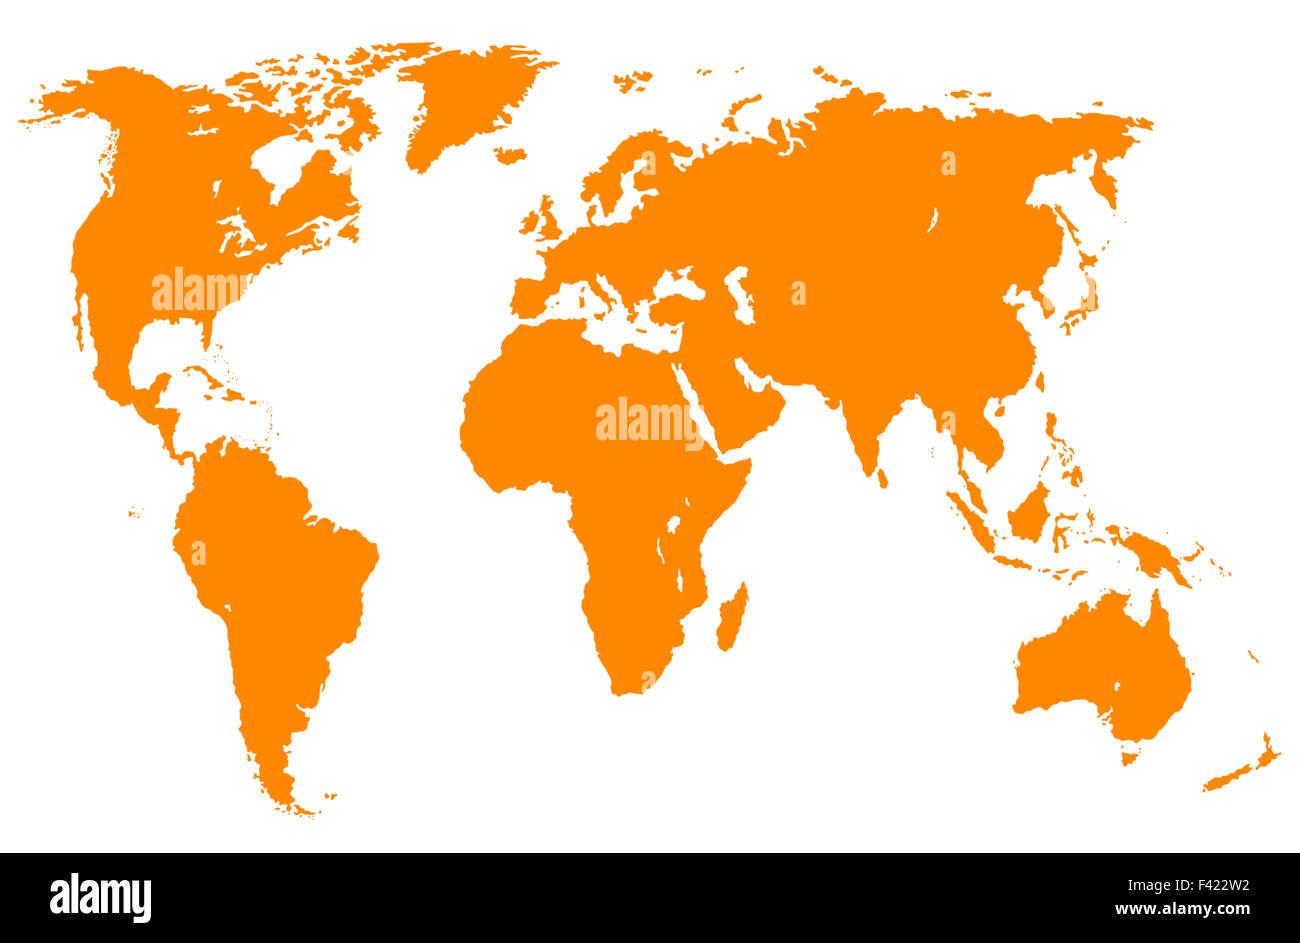 orange world map, isolated - Stock Image